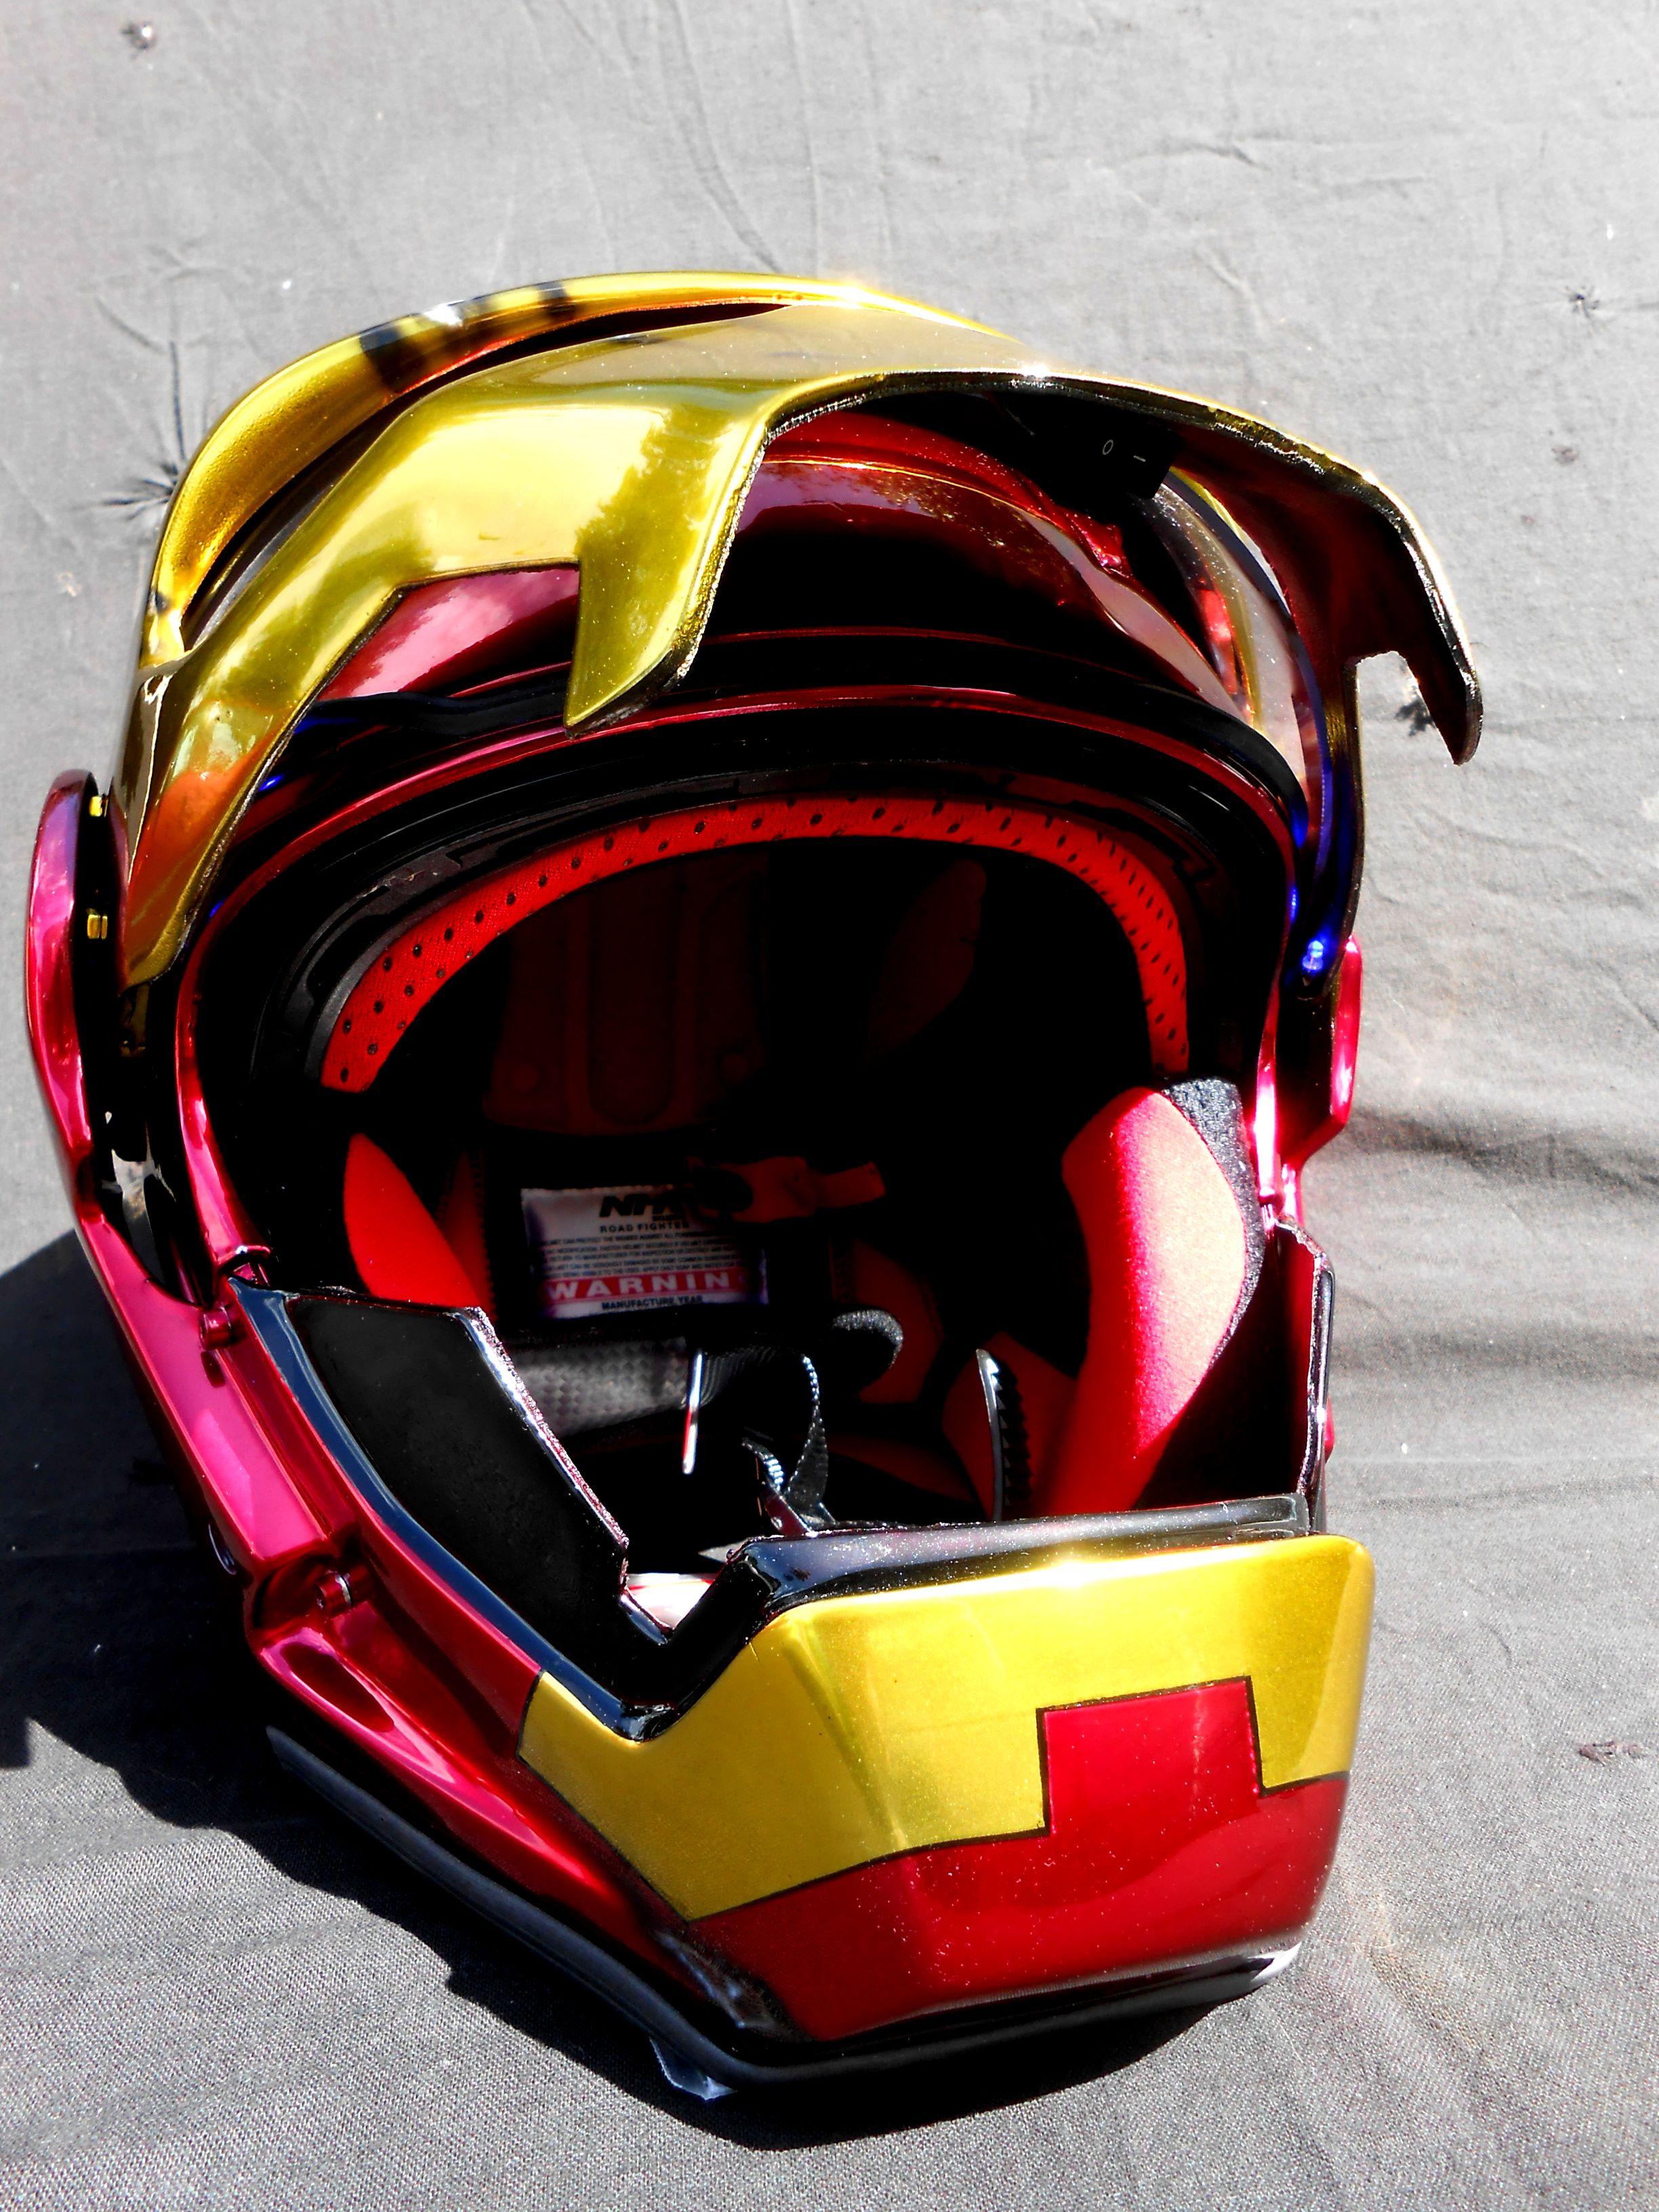 les casques sp ciaux peintures a rographe sur casques moto scooter pocket bike velo. Black Bedroom Furniture Sets. Home Design Ideas